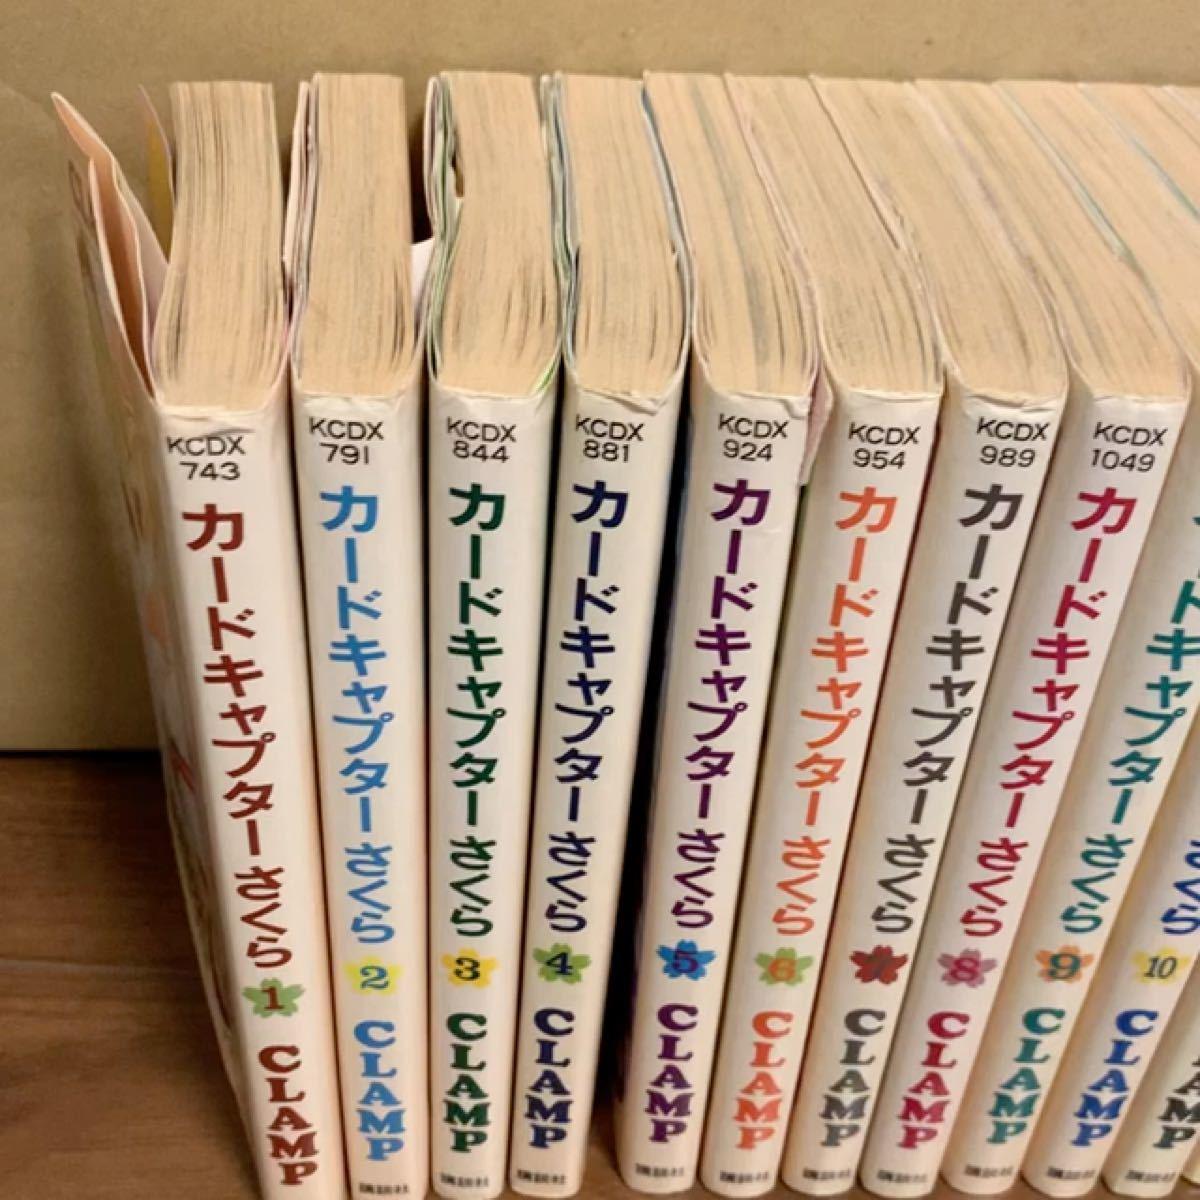 カードキャプターさくら(1-12全巻セット)/あぁ愛しの番長さま1-5巻セット